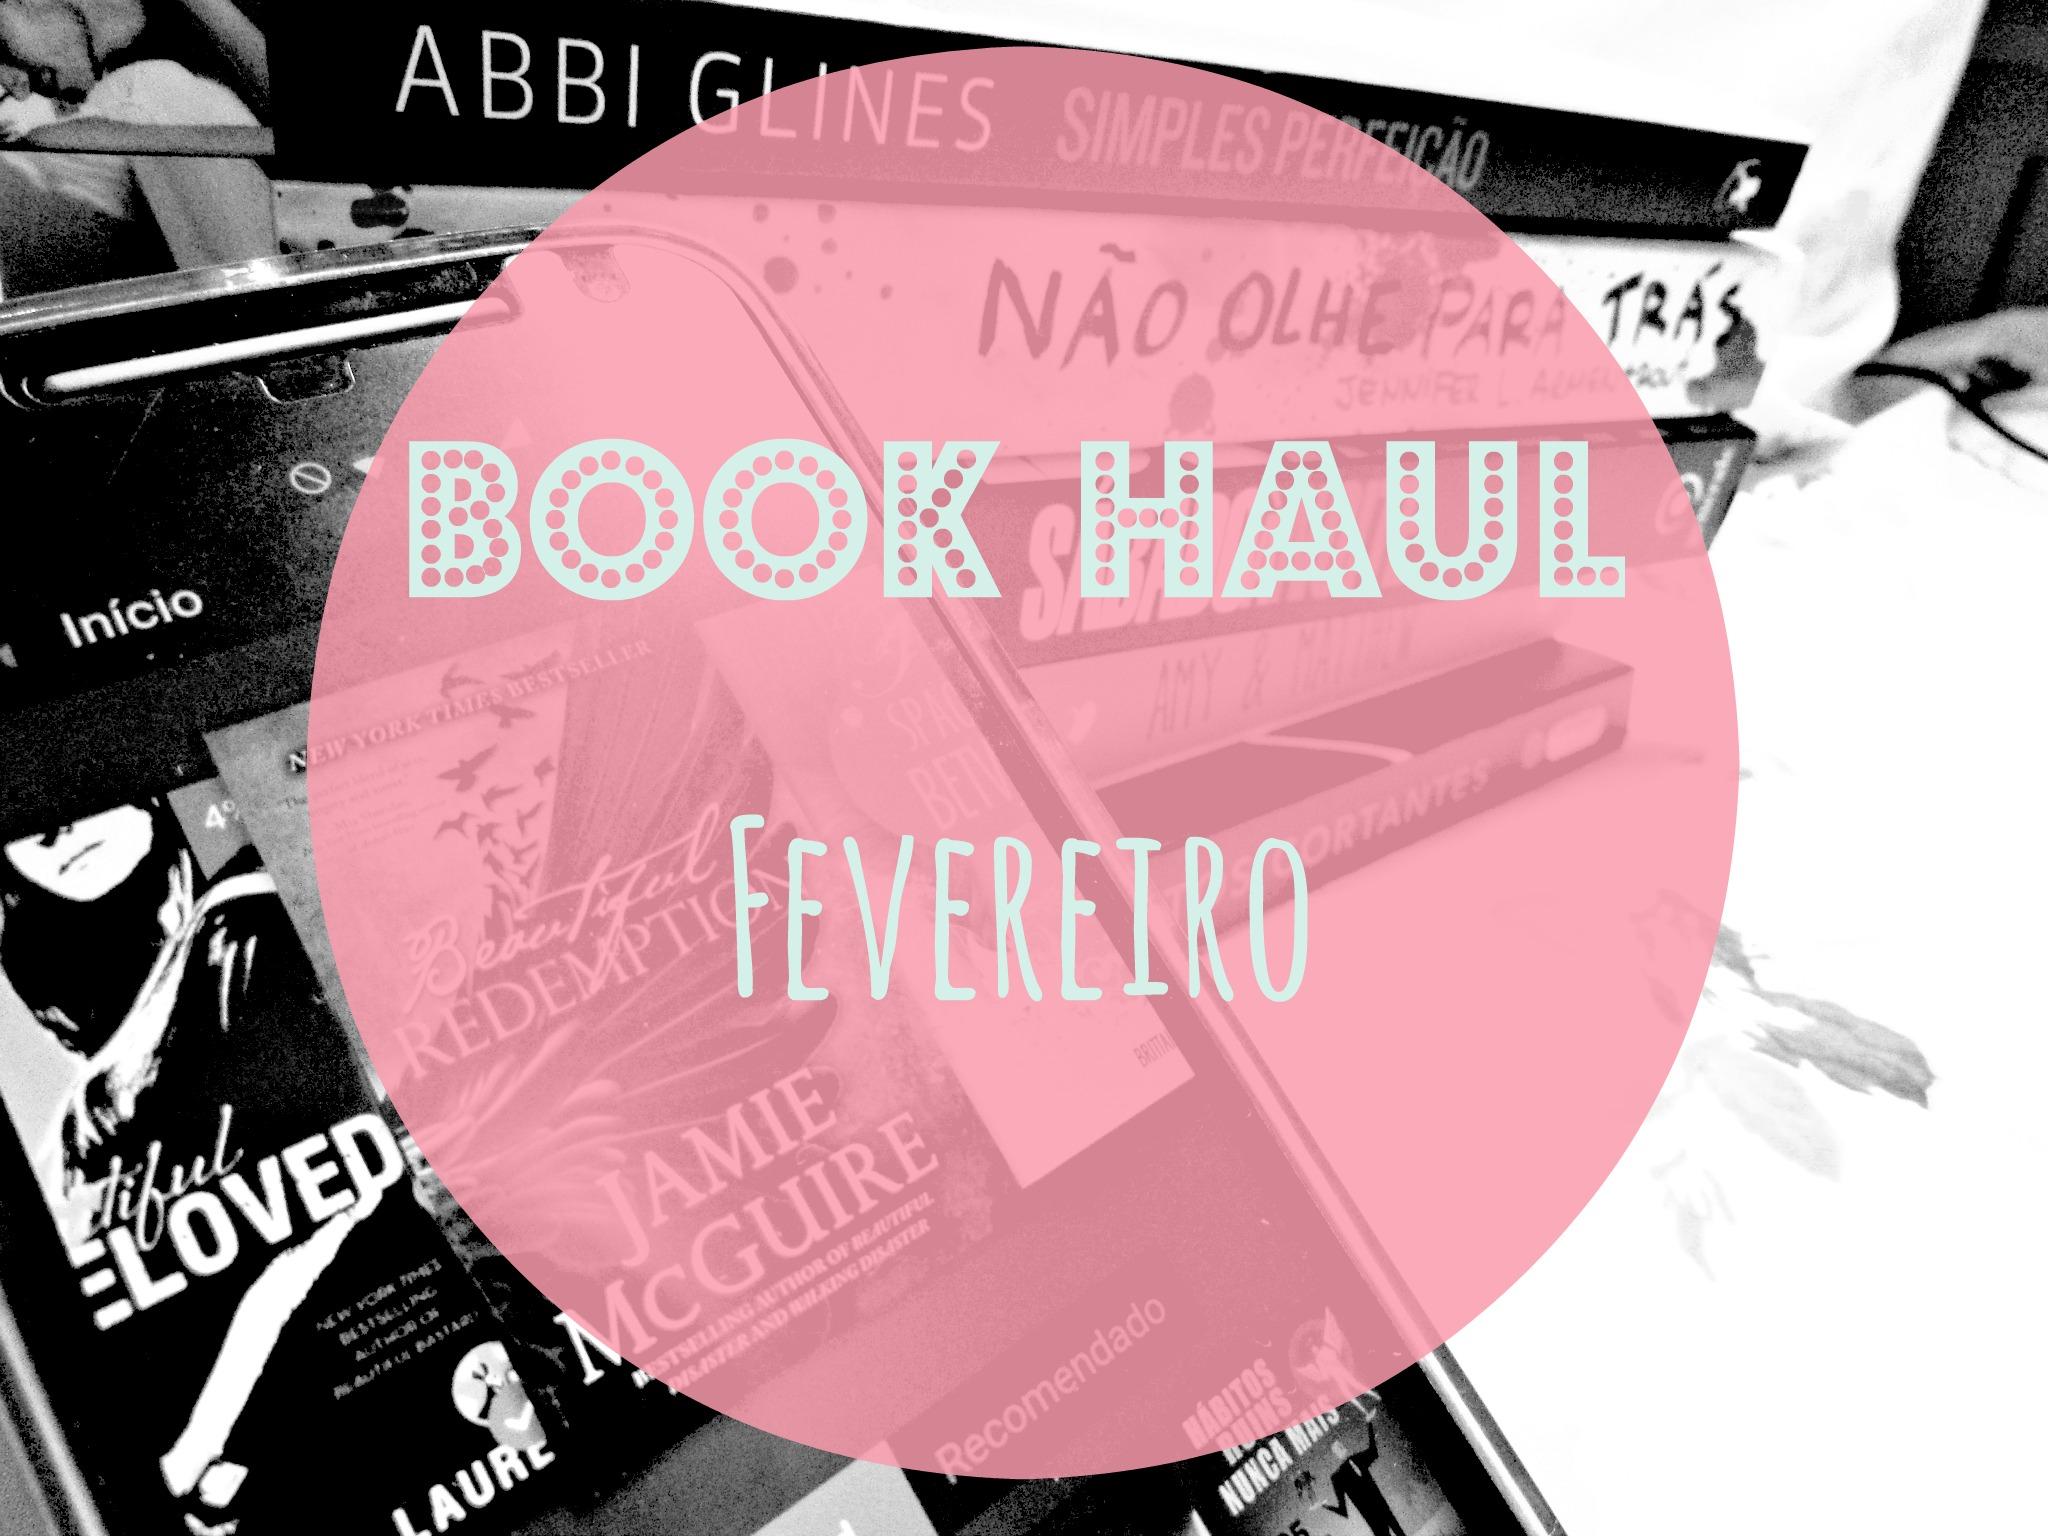 Book Haul - Fevereiro Antes das cinco